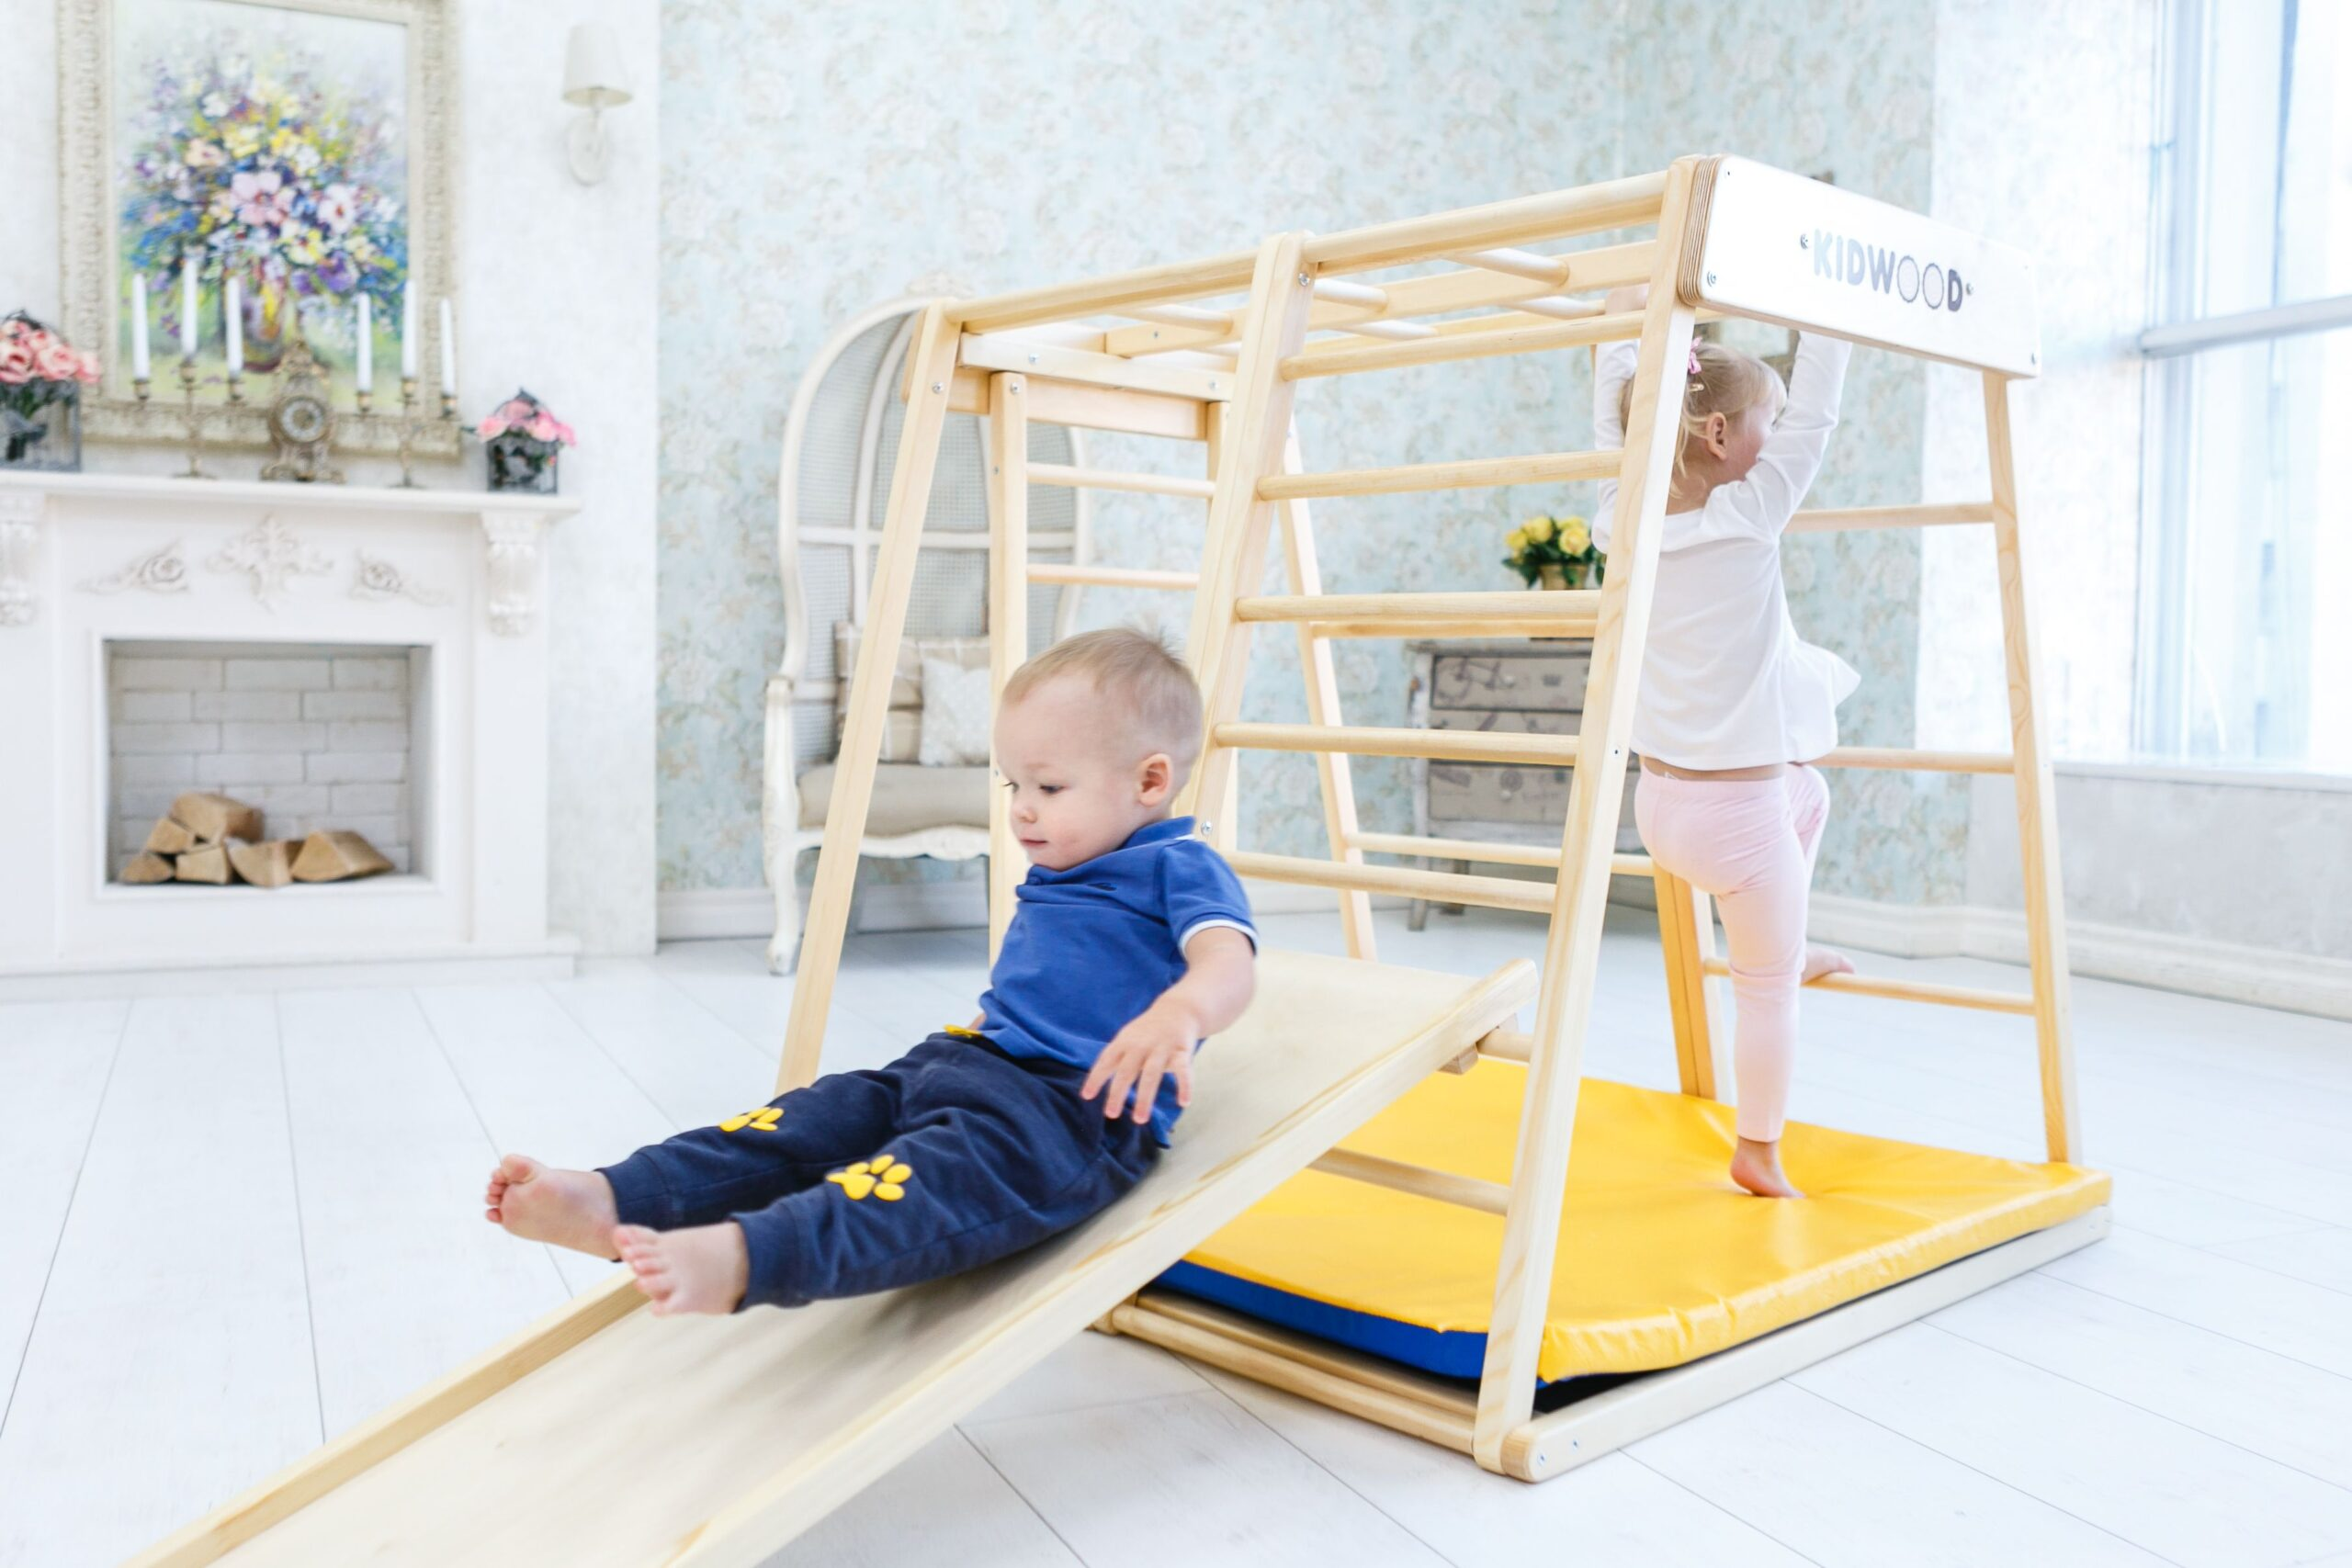 Full Size of Kidwood Klettergerst Rakete Junior Set Aus Holz 6 Klettergerüst Garten Wohnzimmer Klettergerüst Indoor Diy